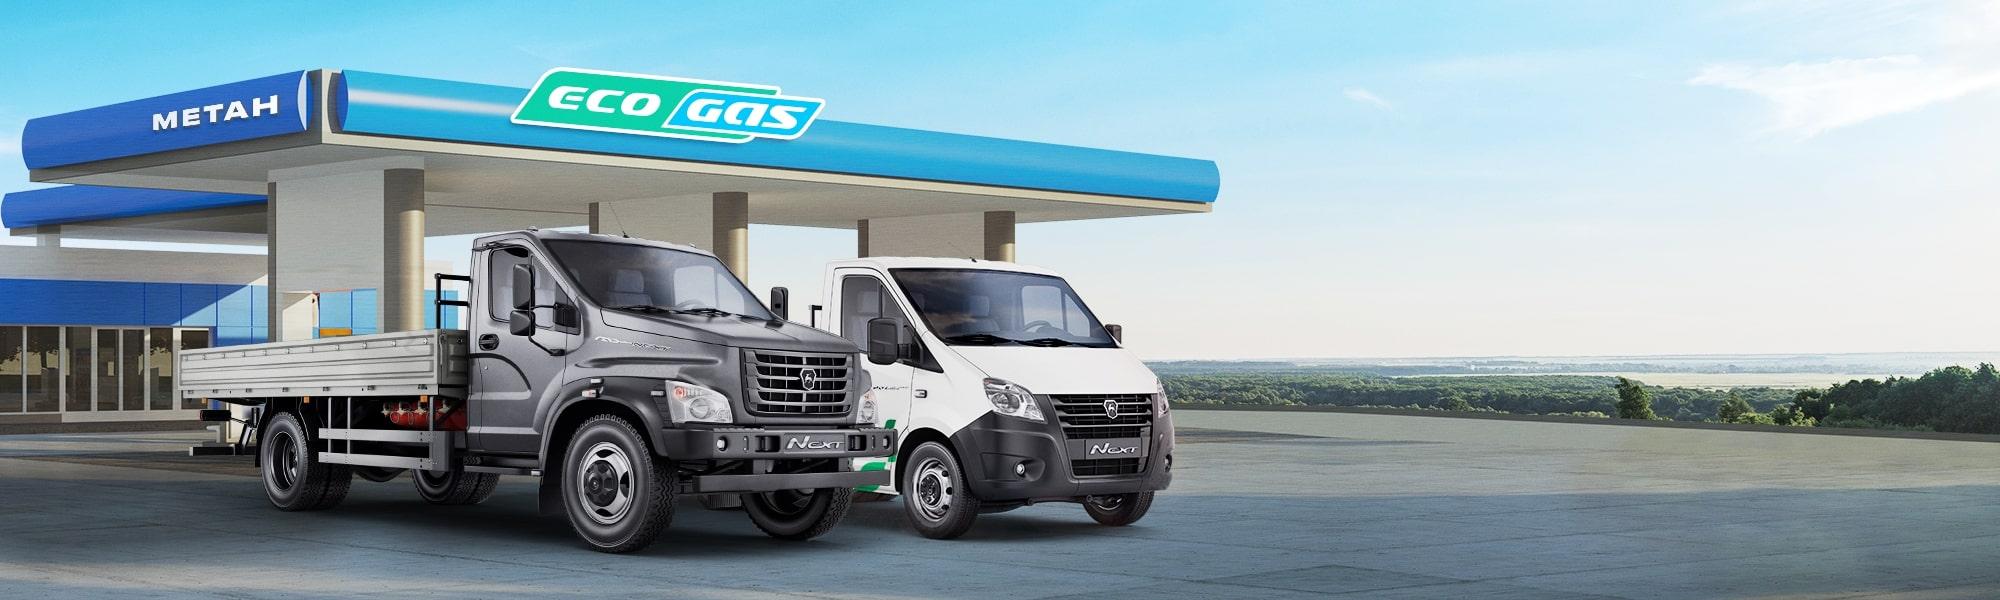 Баннер автомобили ГАЗ на метане. Выгода до 625 000 ₽ при покупке автомобилей ГАЗ. Дексктопное изображение